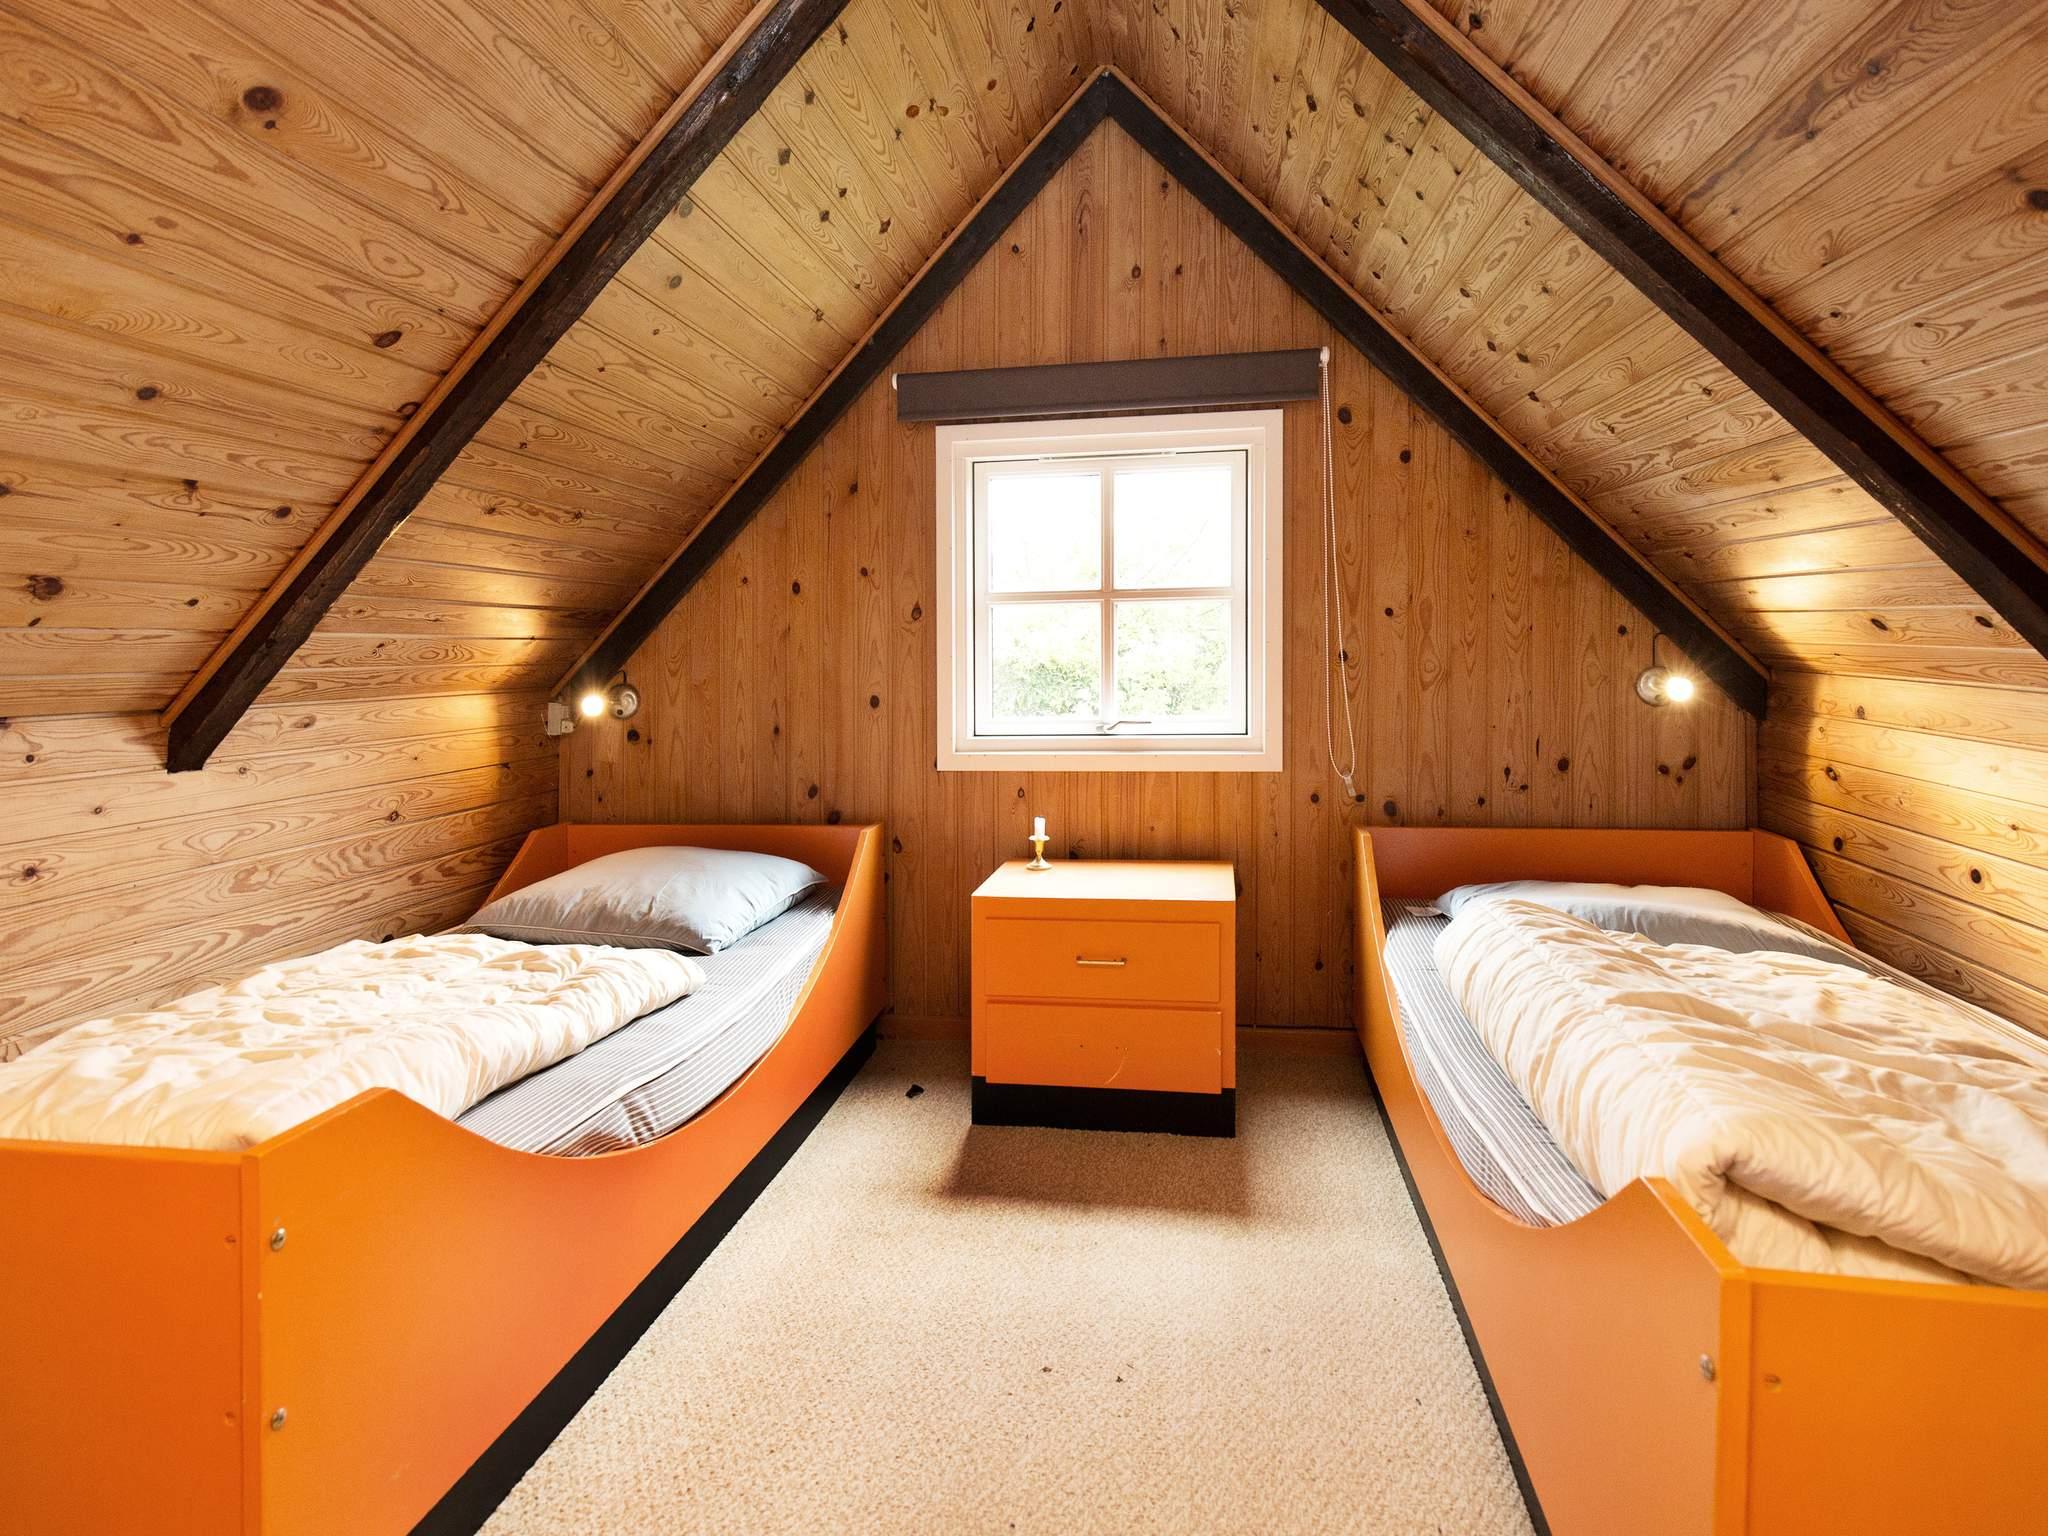 Ferienhaus Ulvshale (83468), Stege, , Møn, Dänemark, Bild 6